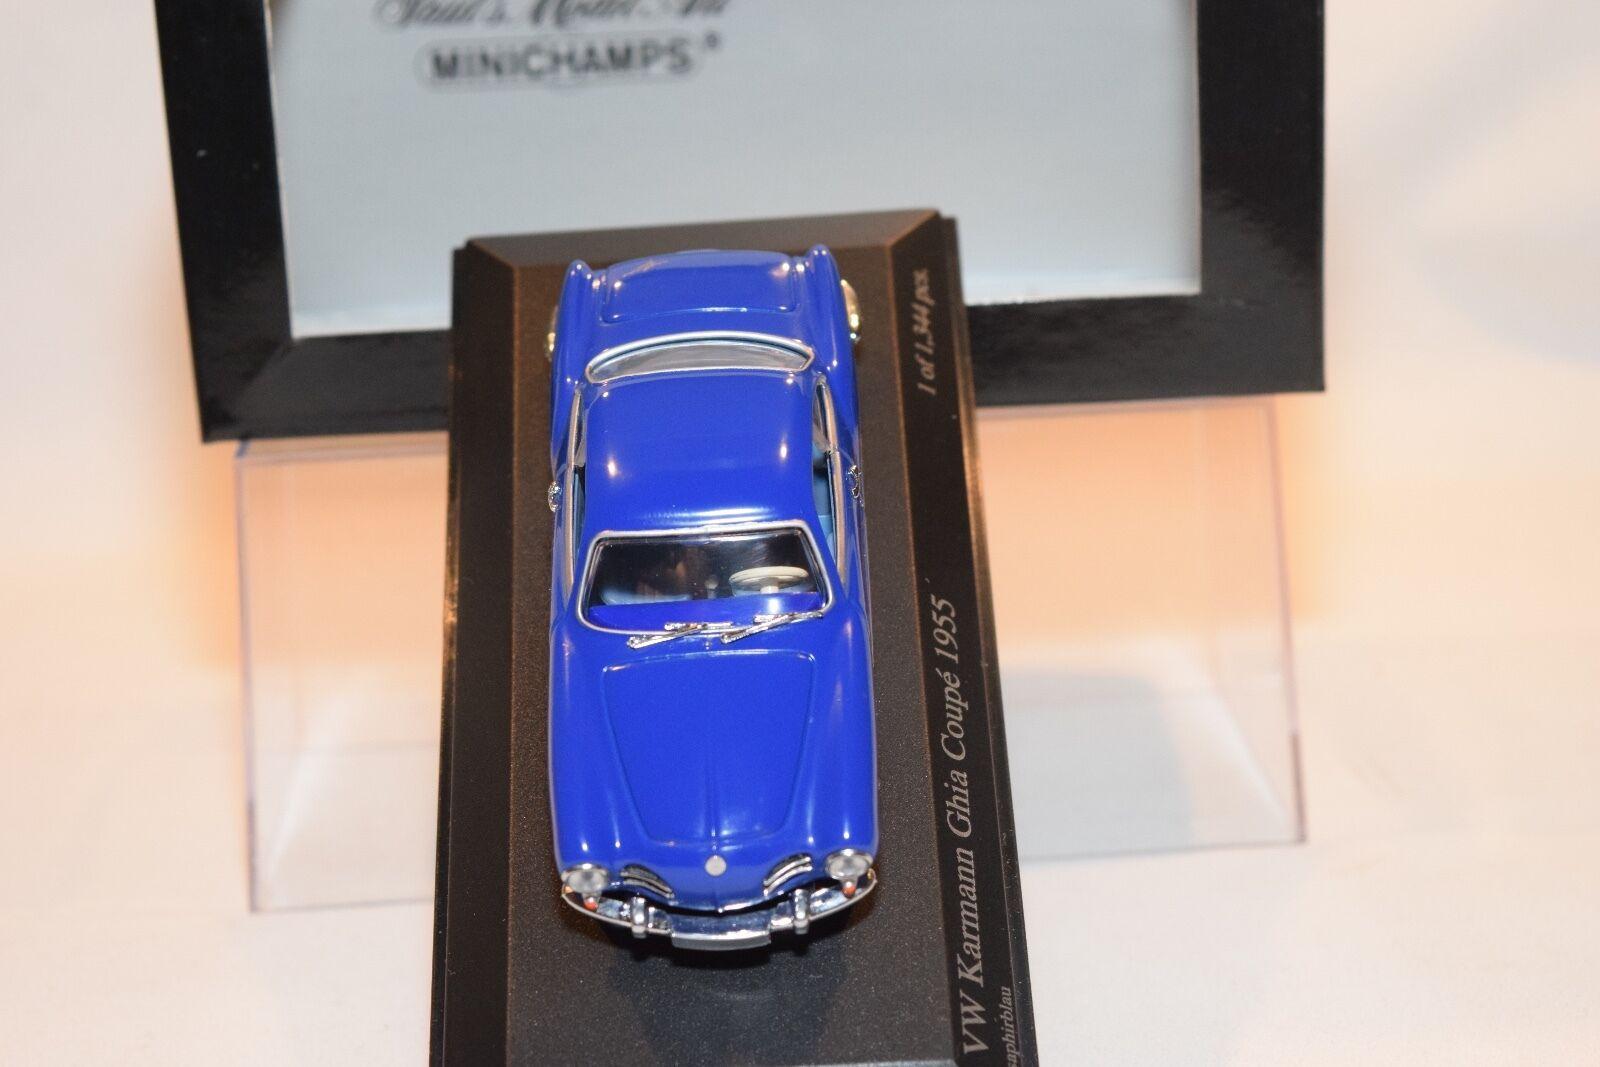 MINICHAMPS VW VW VW VOLKSWAGEN KARMANN GHIA COUPE 1955 SAPHIRblue blueE MINT BOXED. 9fdb6e